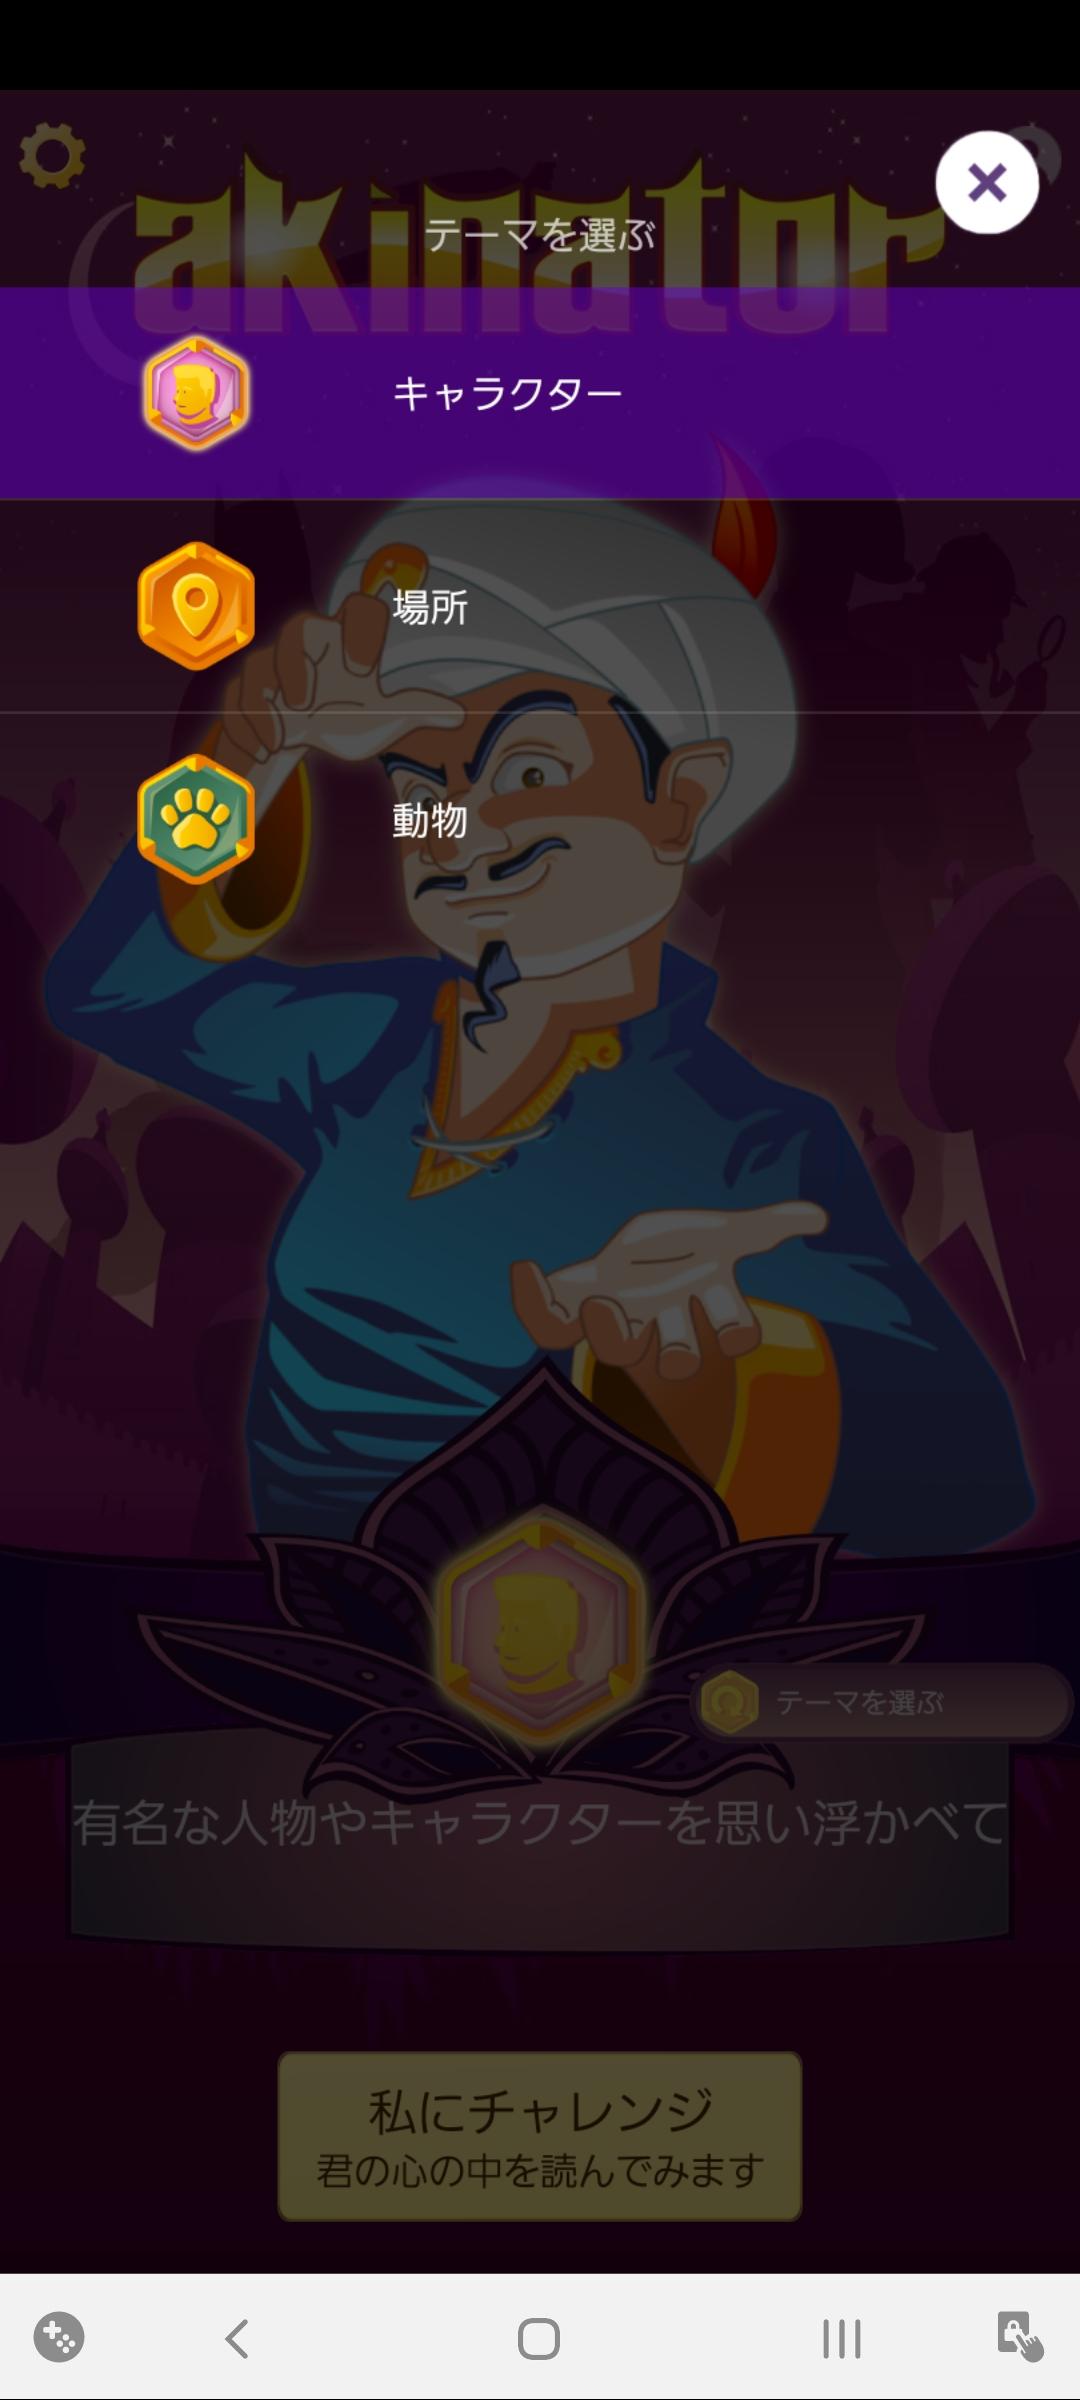 アキネーターのスマホアプリ版の遊び方